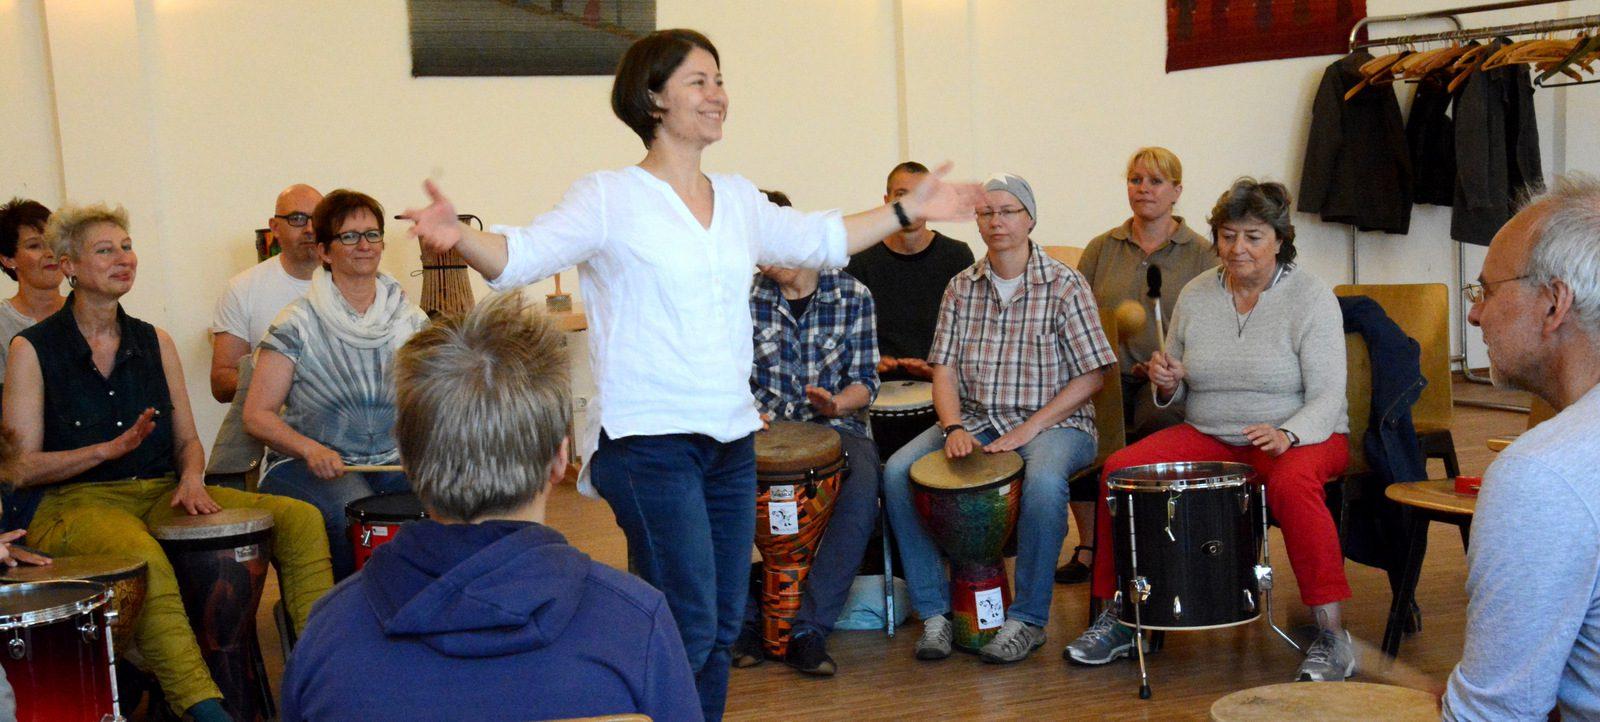 Drum Circle mit Helga Reihl, Lübeck